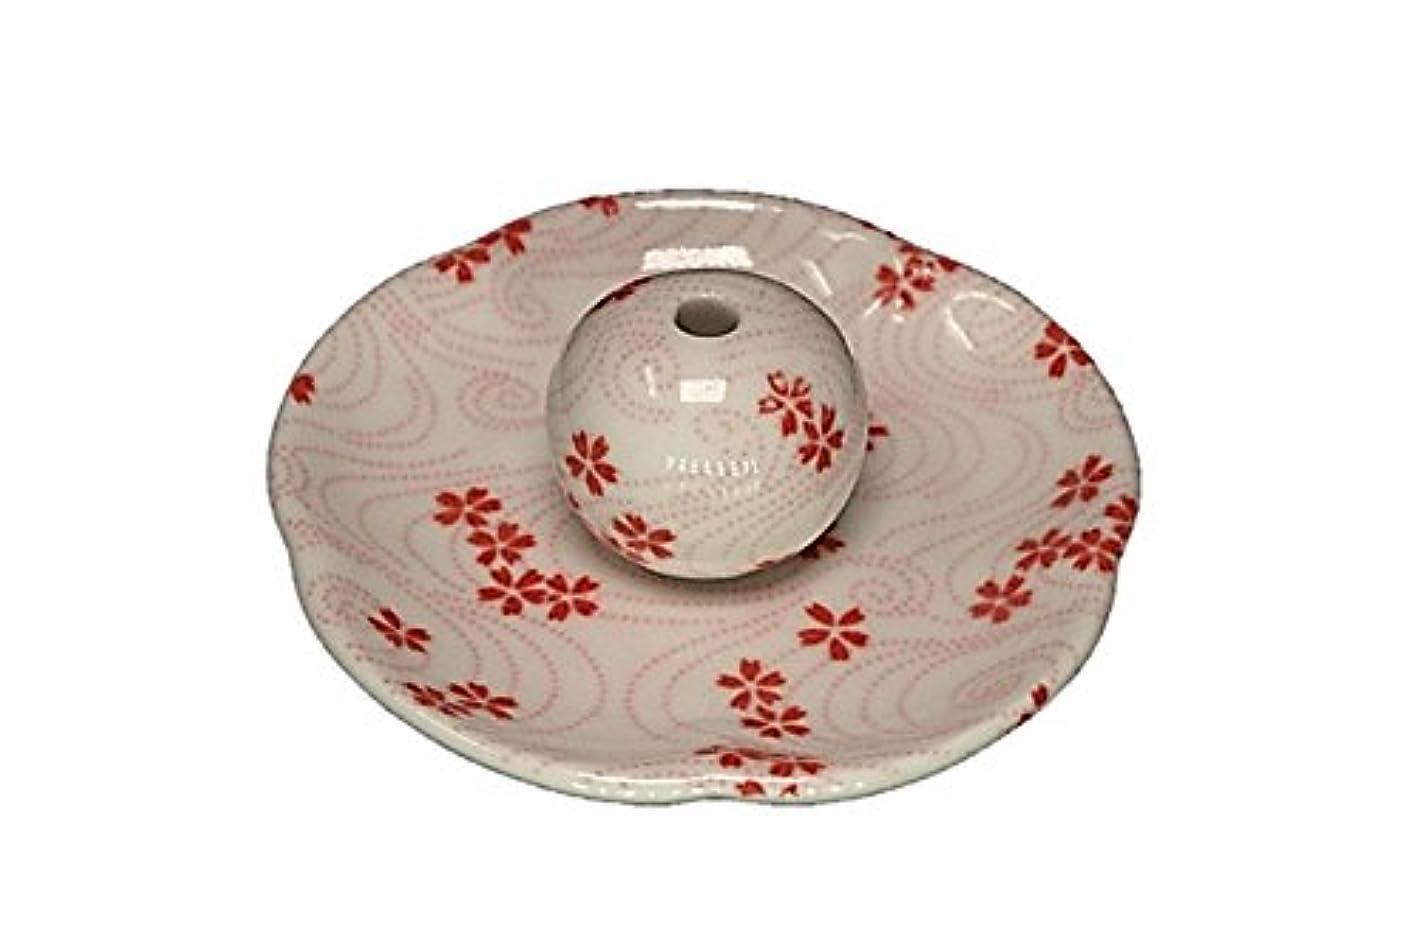 対応するしっとり輸送桜渦 花形香皿 お香立て 日本製 製造 直売品